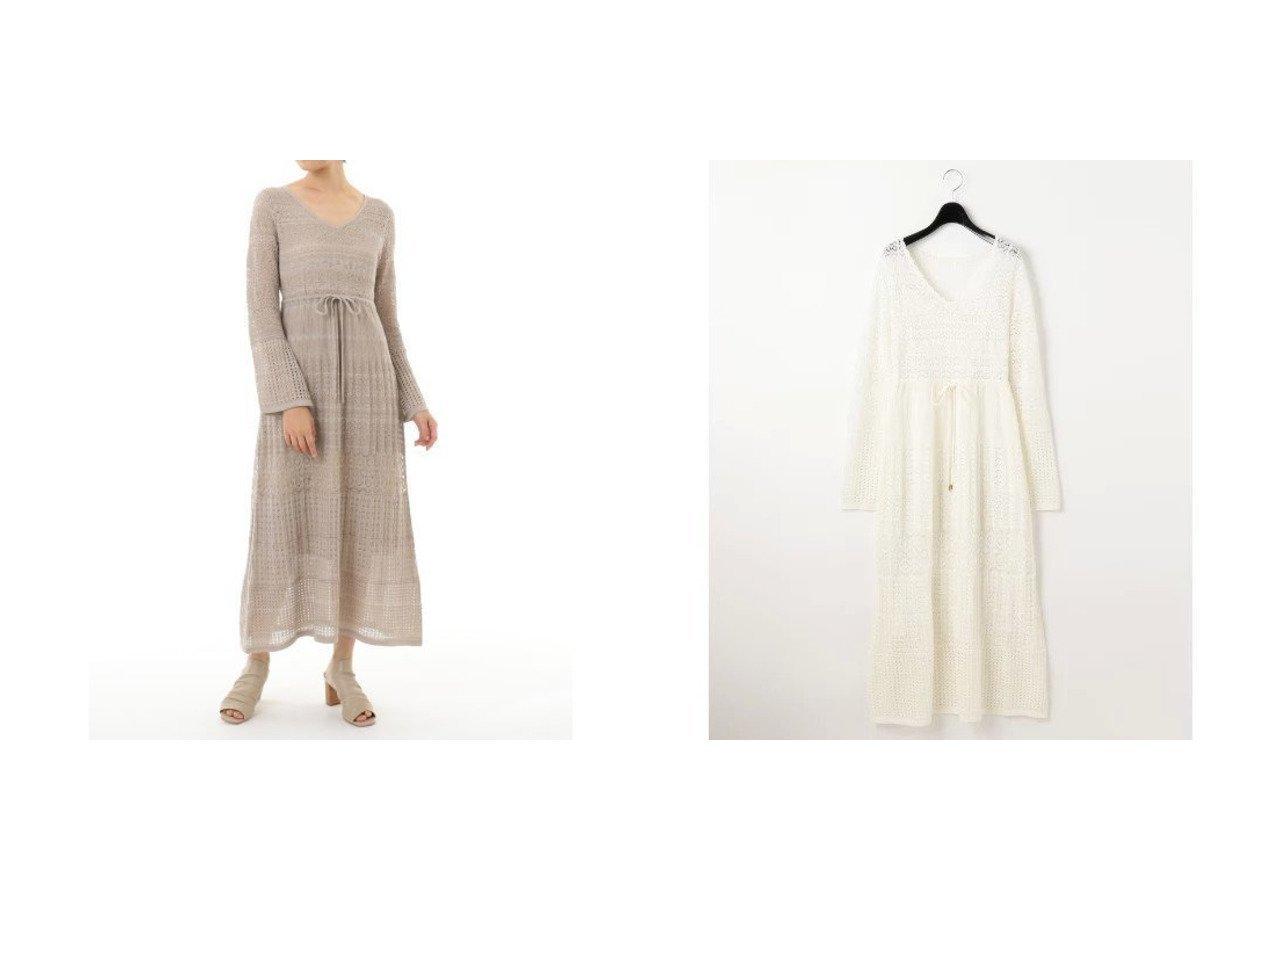 【GRACE CONTINENTAL/グレース コンチネンタル】の透カシ編ニットワンピース ワンピース・ドレスのおすすめ!人気、トレンド・レディースファッションの通販  おすすめで人気の流行・トレンド、ファッションの通販商品 メンズファッション・キッズファッション・インテリア・家具・レディースファッション・服の通販 founy(ファニー) https://founy.com/ ファッション Fashion レディースファッション WOMEN ワンピース Dress ニットワンピース Knit Dresses |ID:crp329100000022761